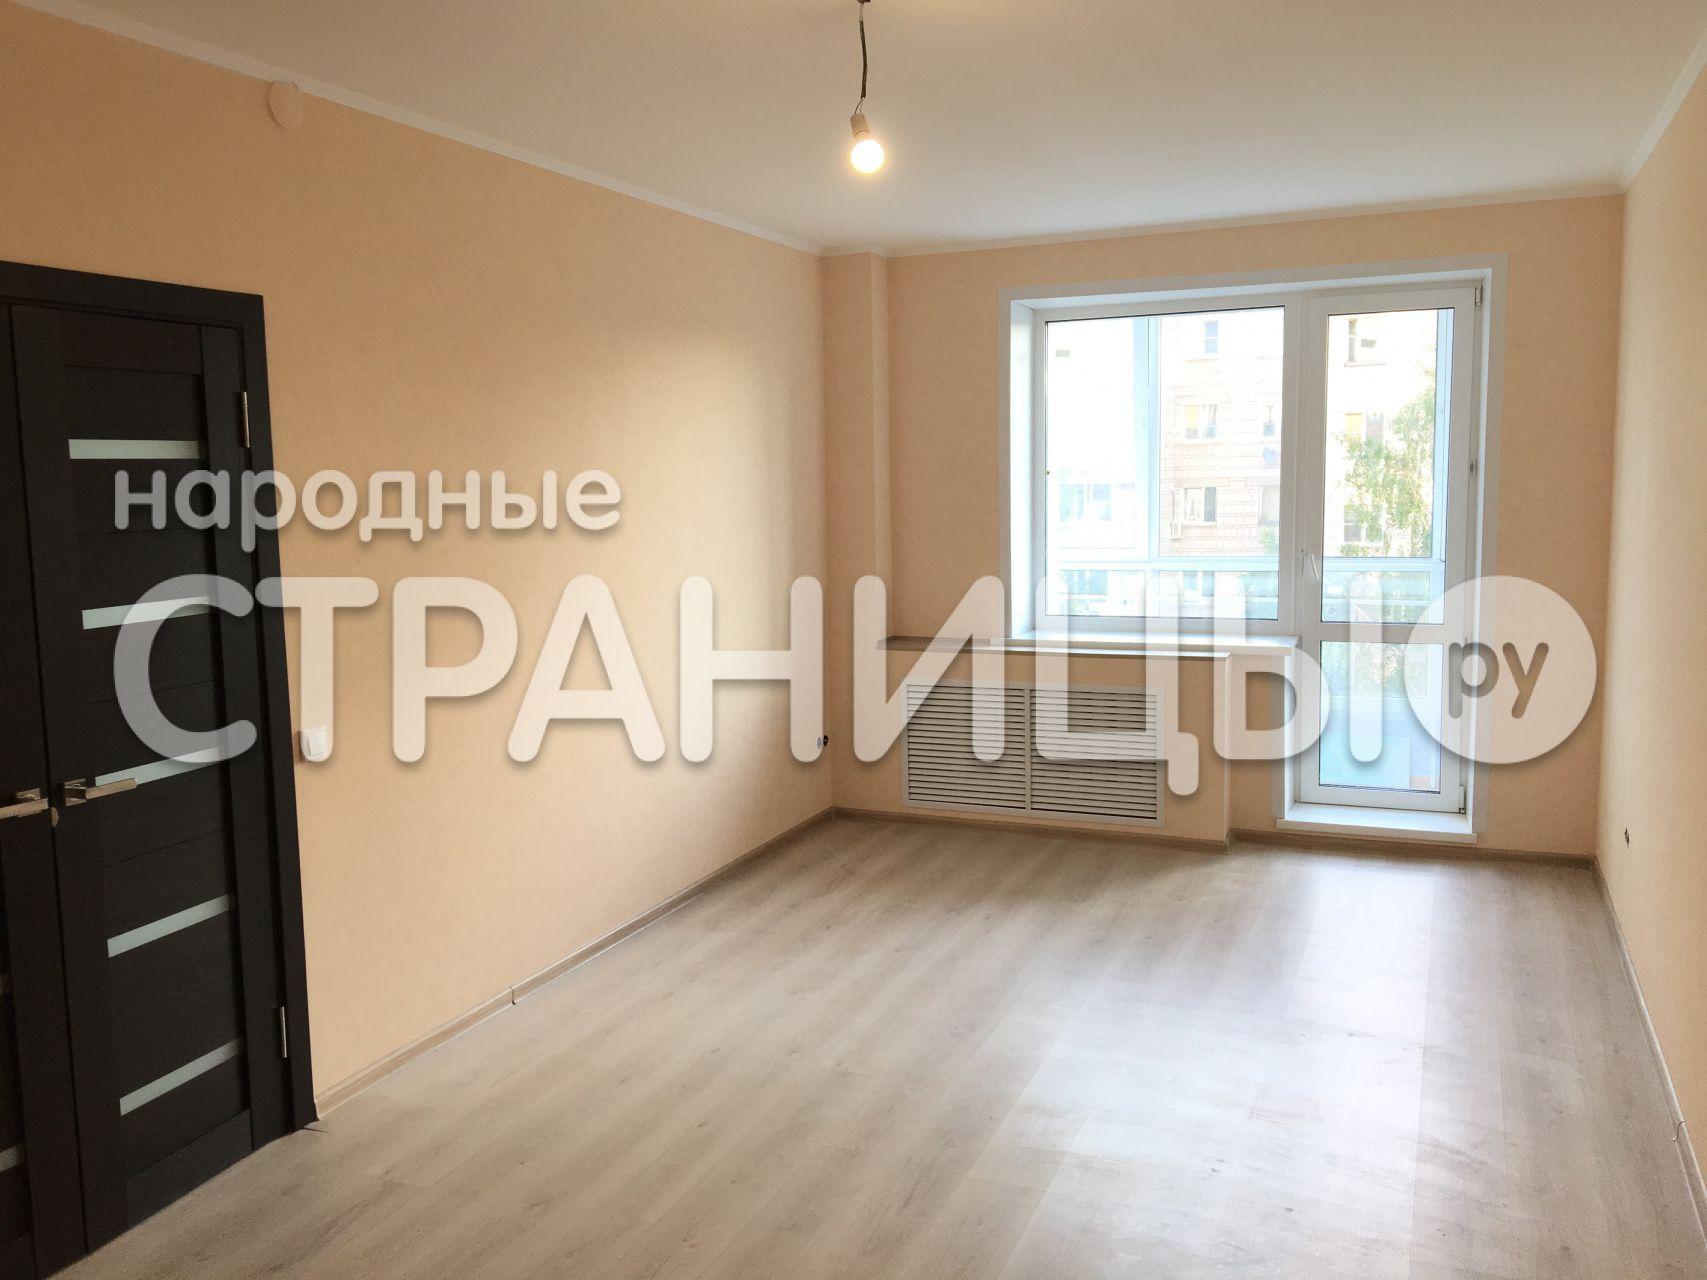 1-комнатная квартира, 44.0 м²,  5/8 эт. Кирпичный дом